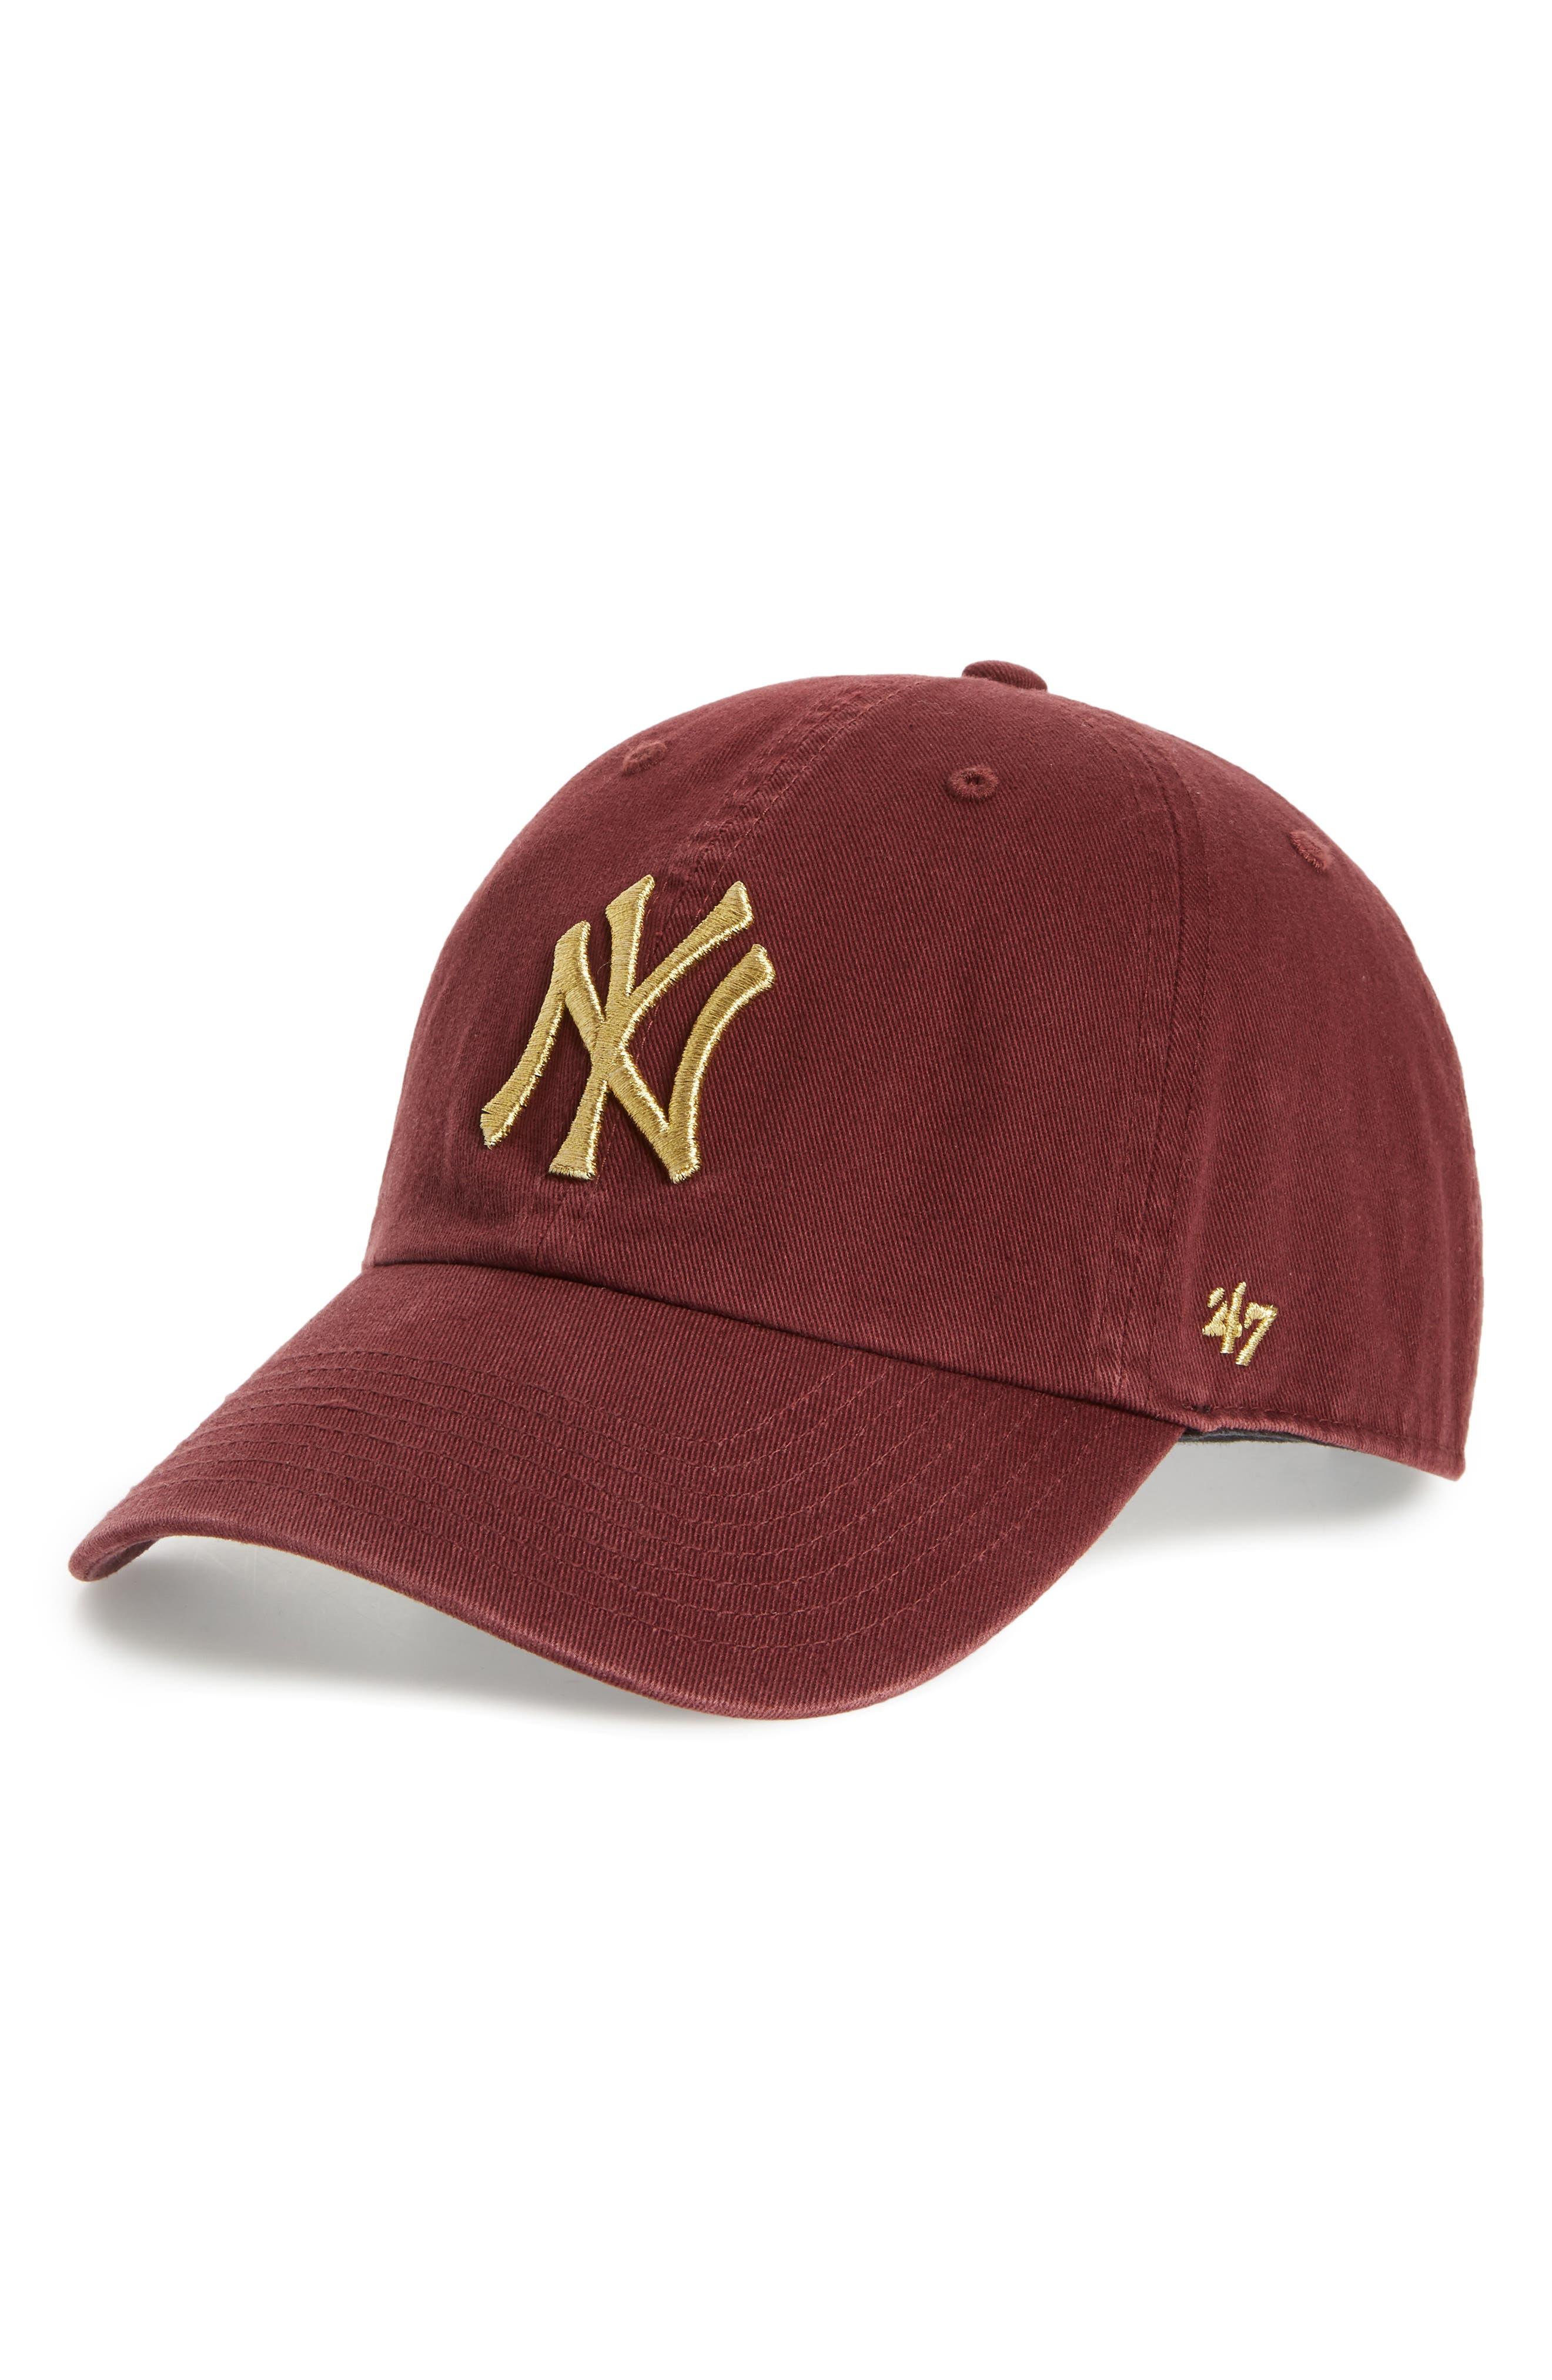 Clean Up New York Yankees Metallic Baseball Cap,                             Main thumbnail 1, color,                             Dark Red